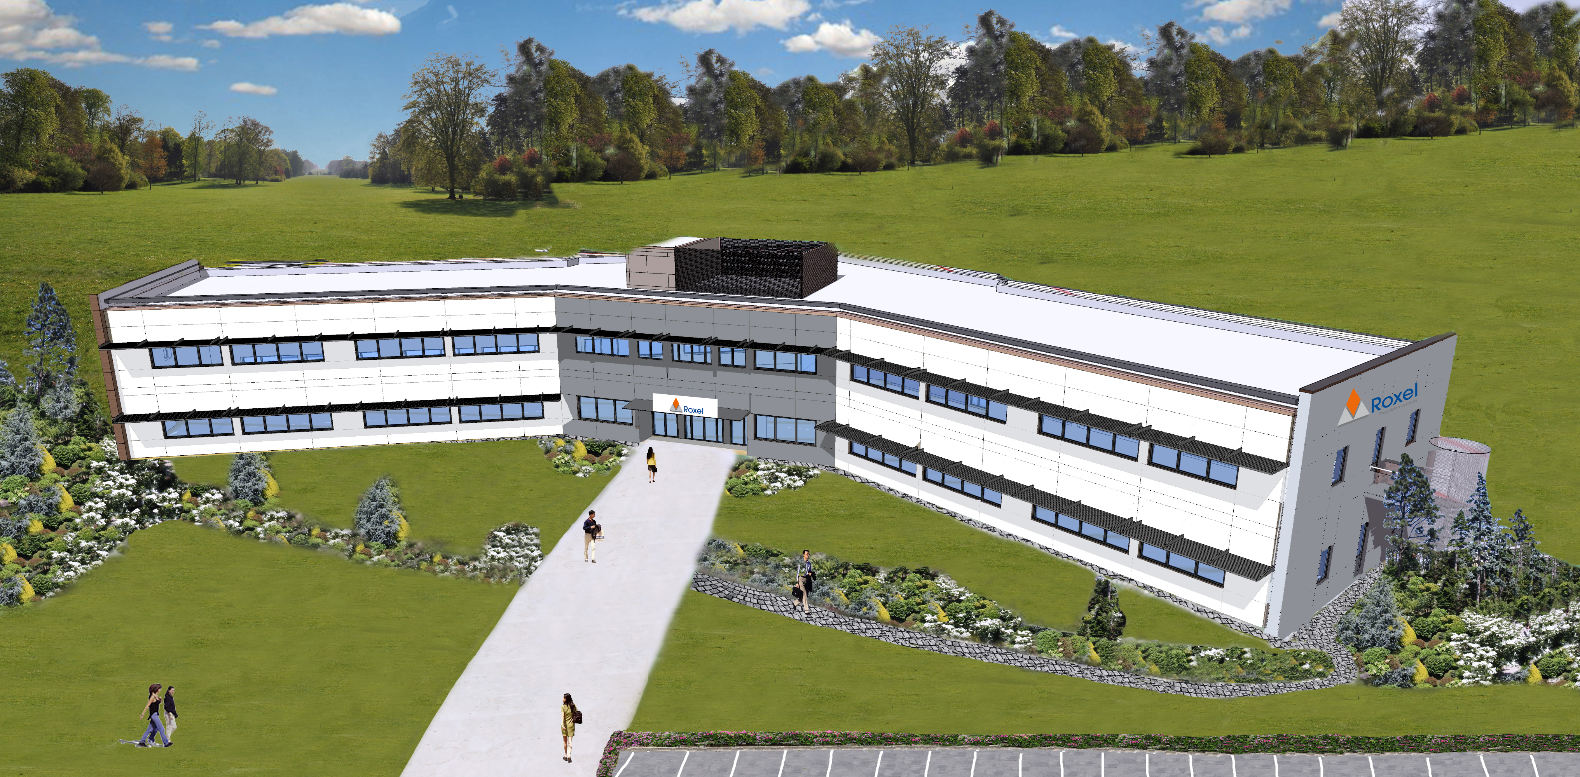 Roxel inaugure son nouveau bâtiment